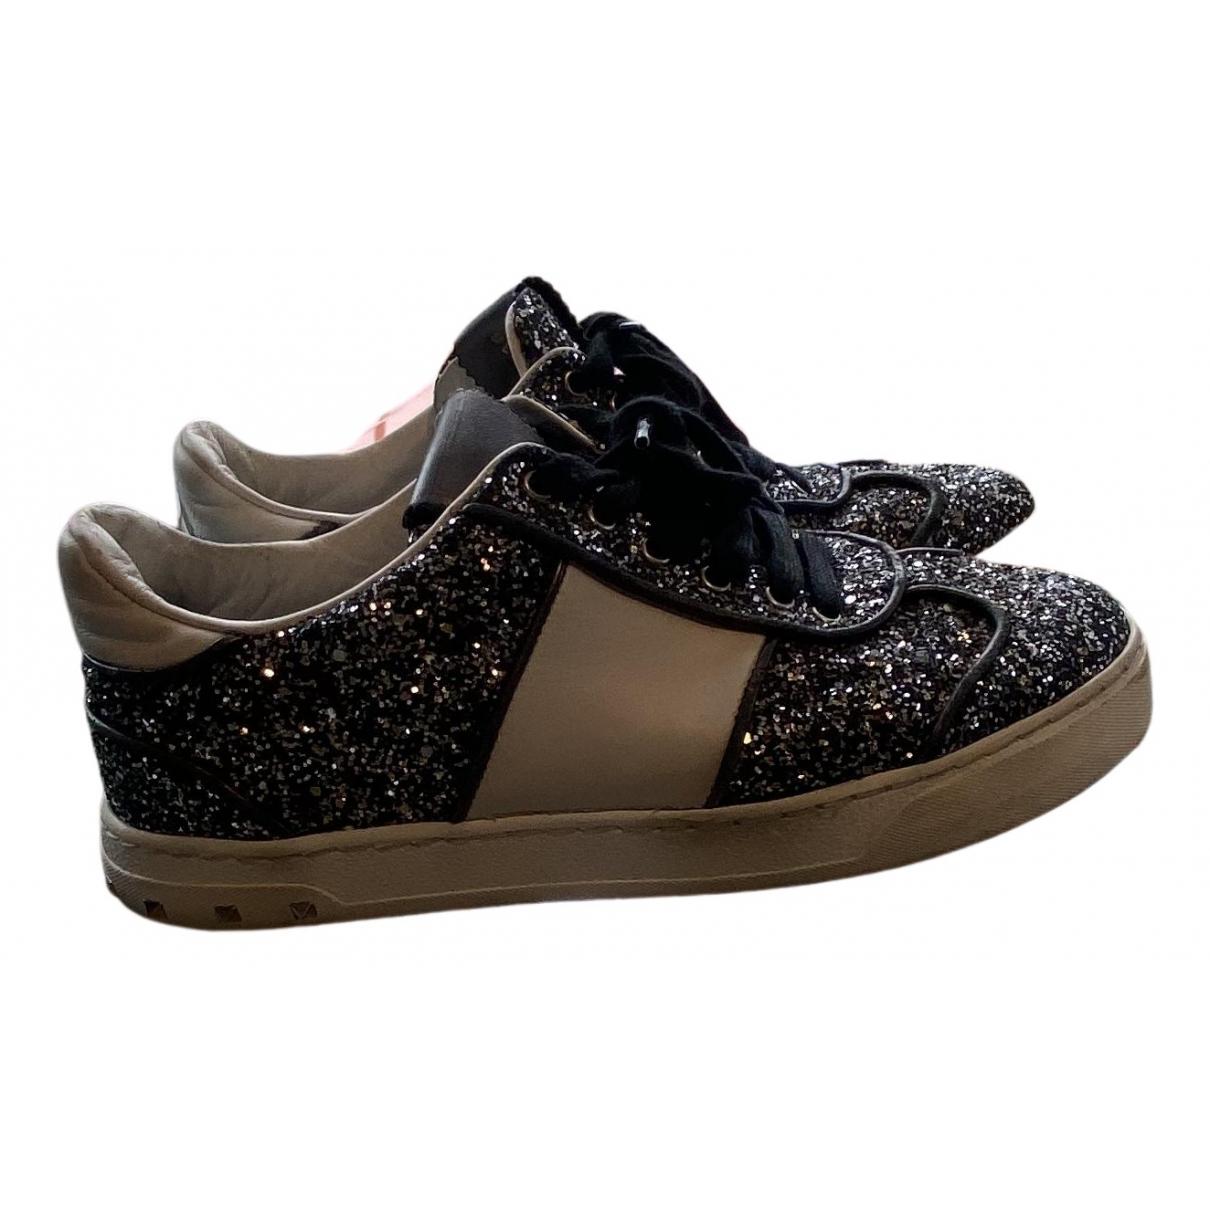 Valentino Garavani Rockstud Sneakers in  Schwarz Mit Pailletten